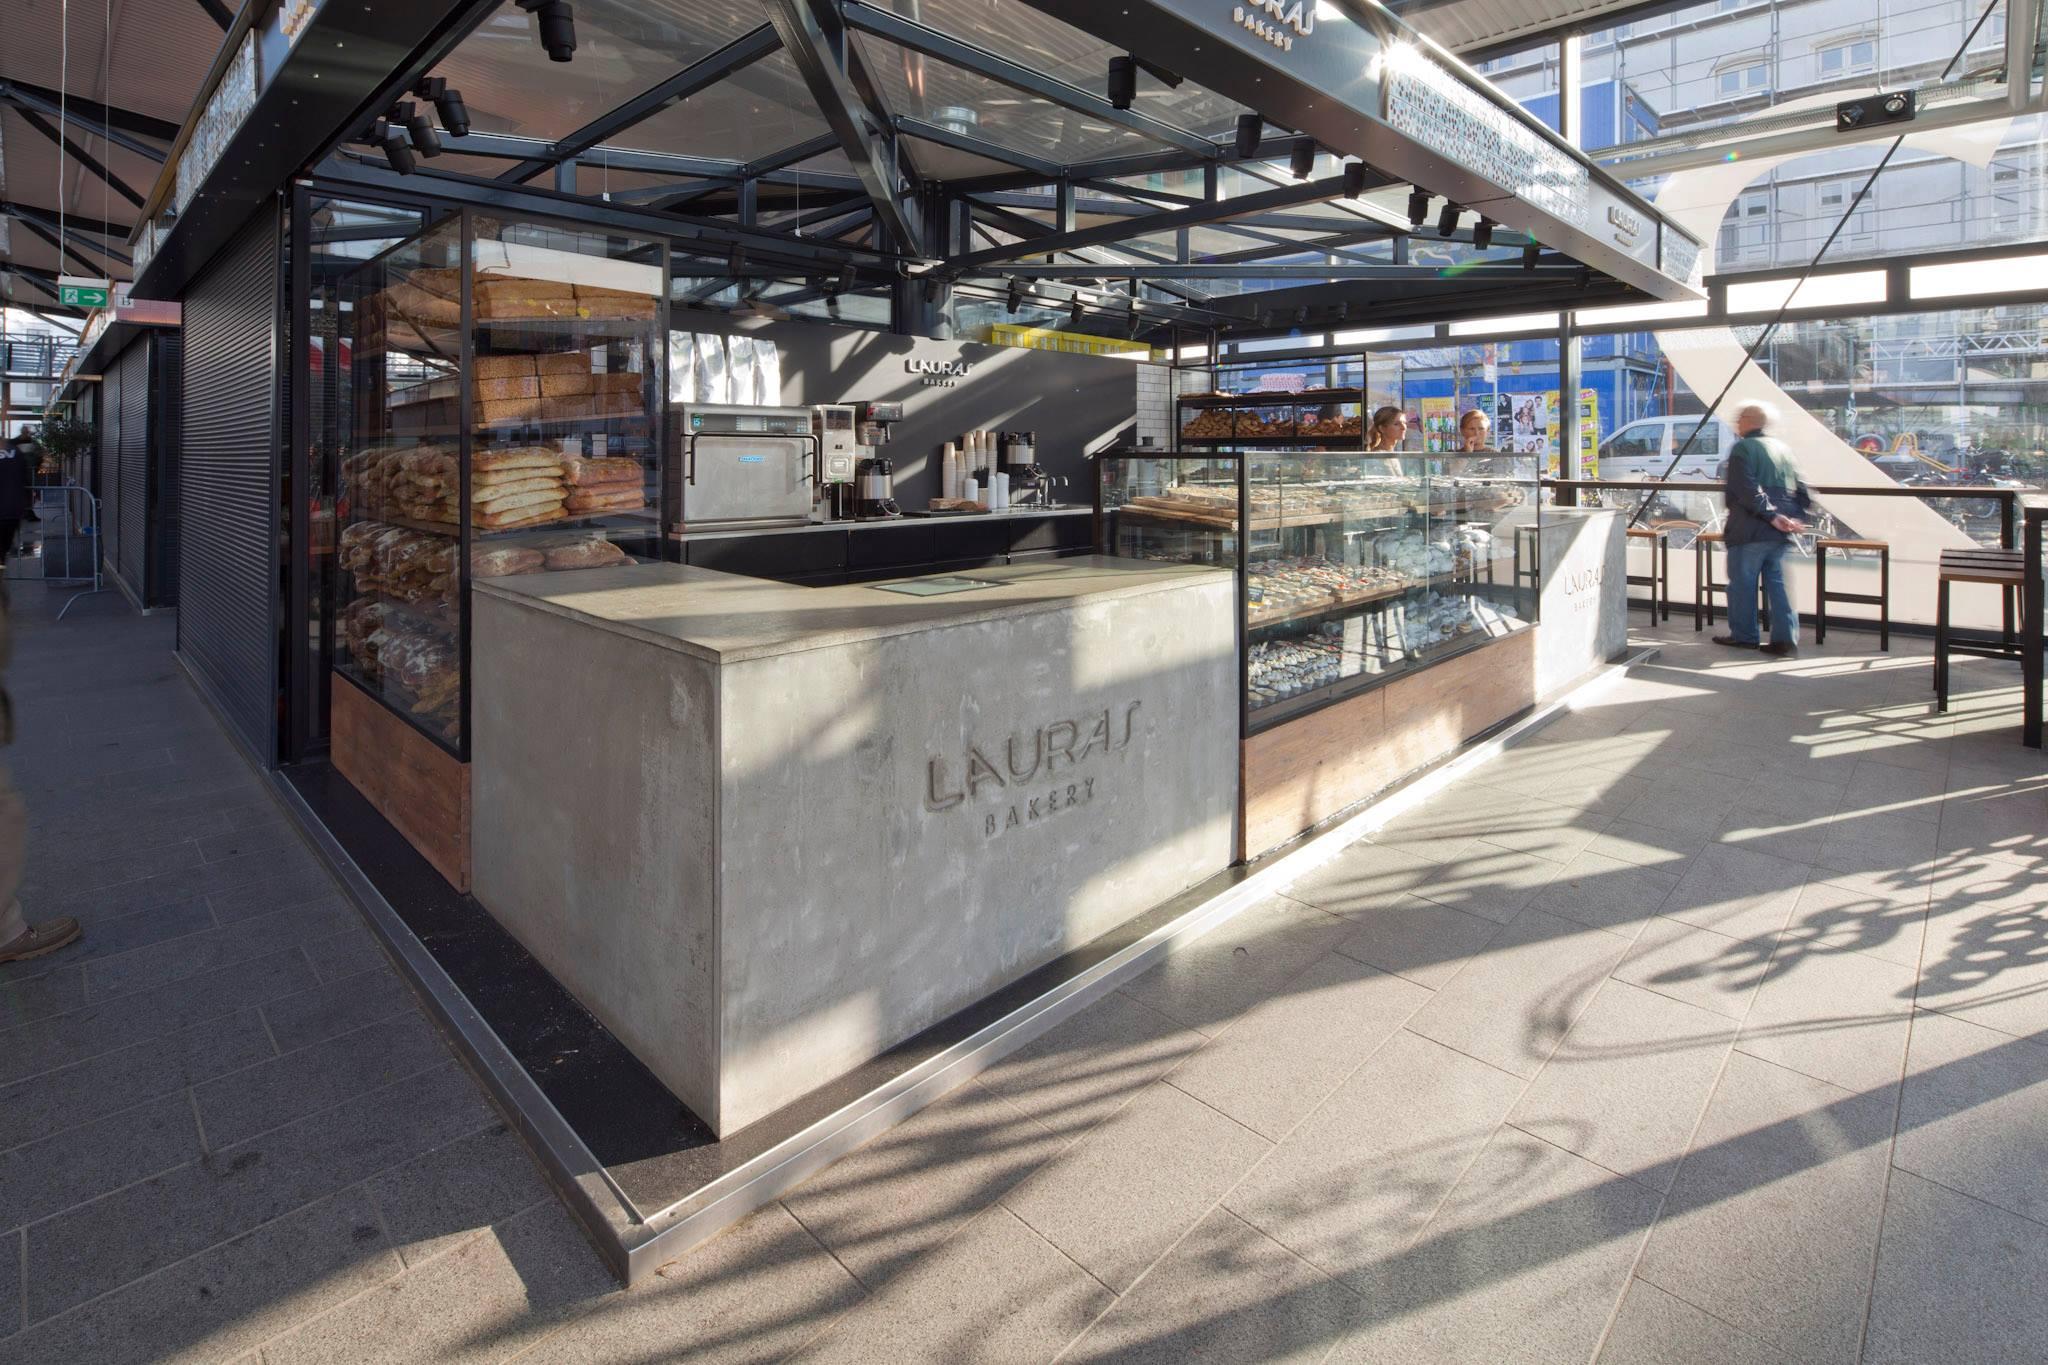 Lauras Bakery - Bedste bageri i Torvehallerne. Lækre kager, wienerbrød formet som snegle, økologisk brød.